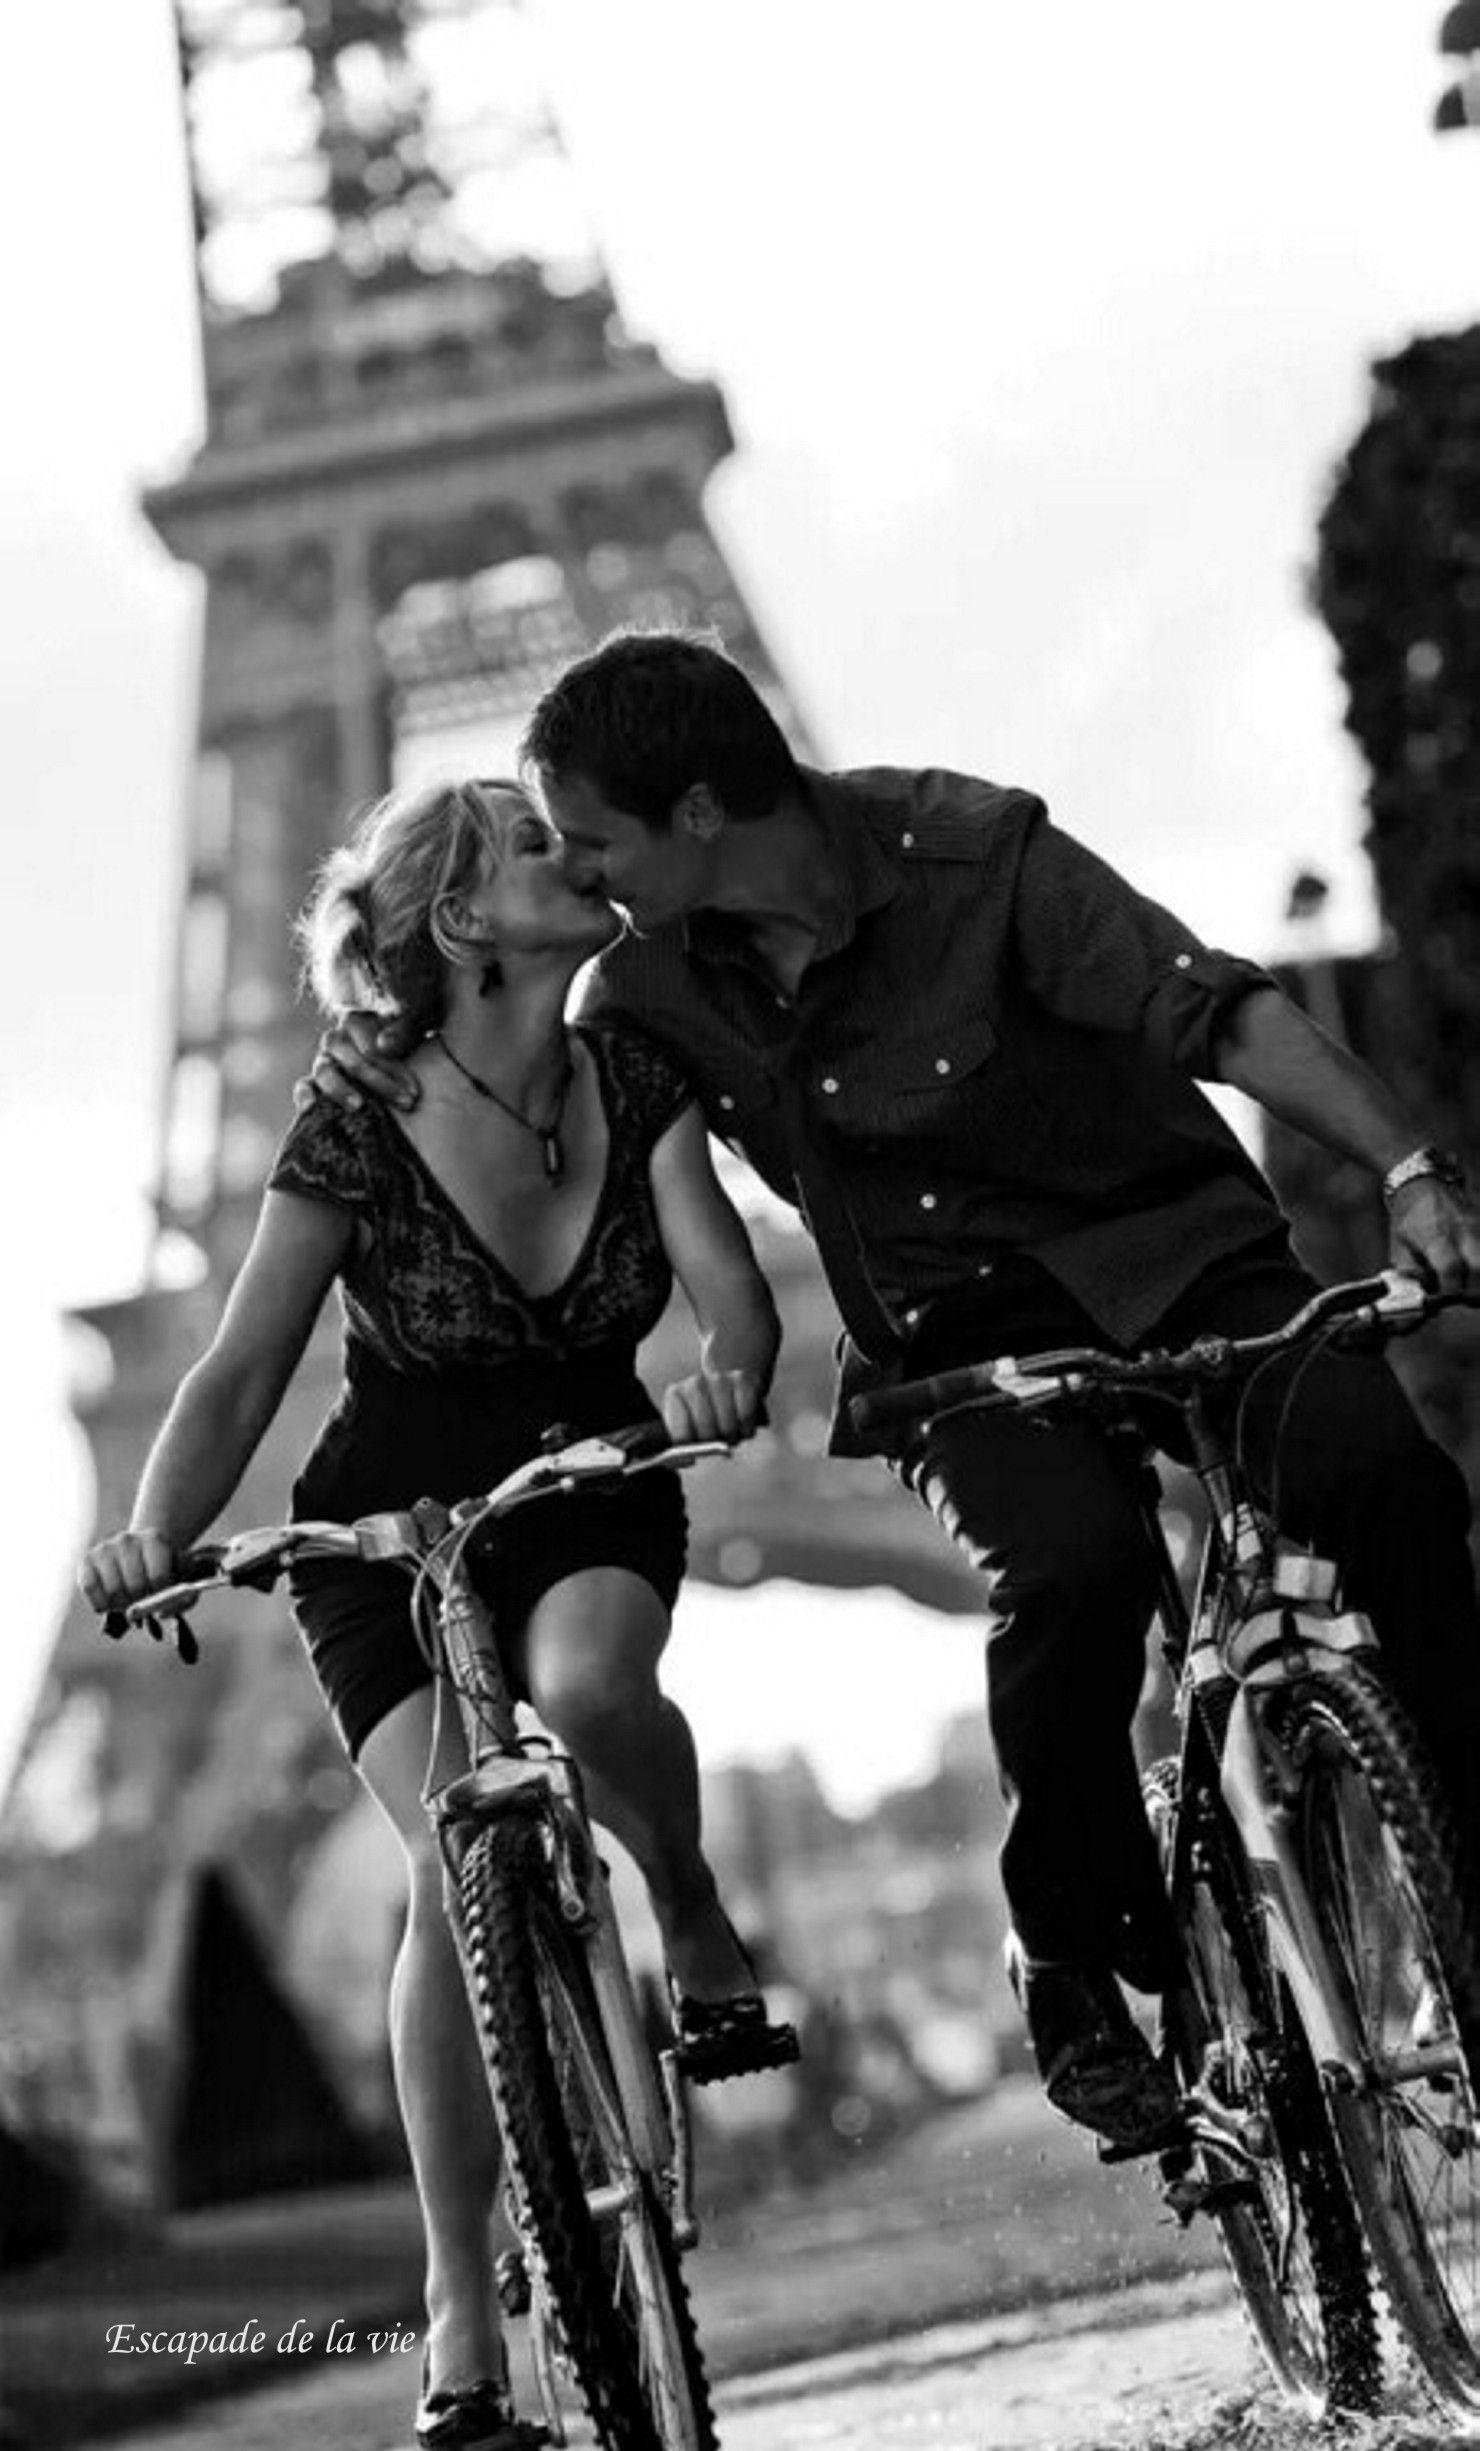 S'embrasser et s'aimer en vélo à Paris ? Couple, deux, amour, tendre,  sensuel, love, délicieux, am… | Noir et blanc, Photo noir et blanc,  Photographie noir et blanc